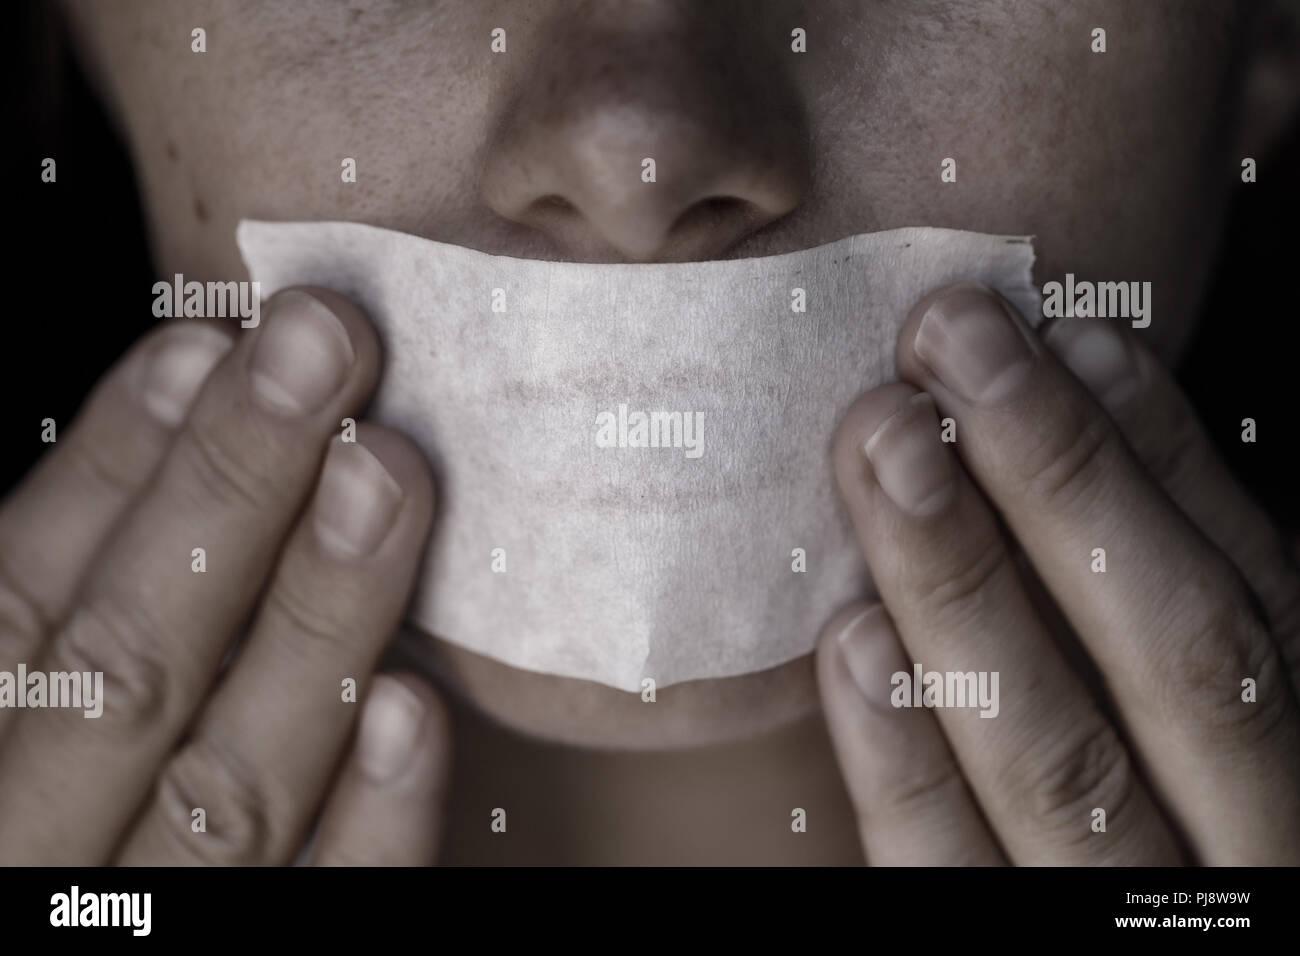 Concepto sobre el tema de la libertad de expresión: la cara de la chica está sellada con cinta adhesiva Scotch Tape Imagen De Stock